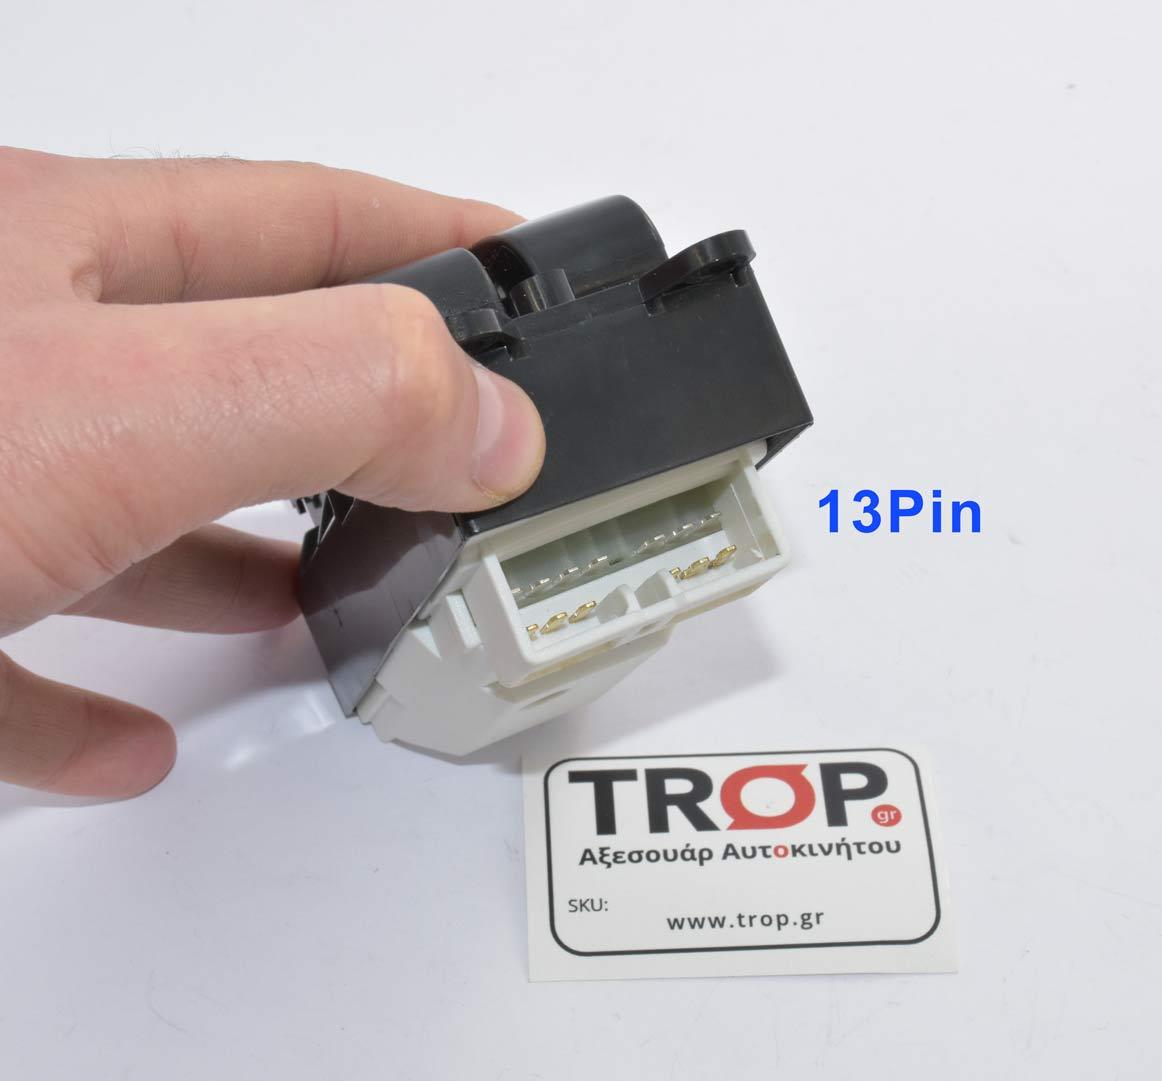 13 Pin, Κωδ: 84820-12361 και AP-042307172 – Φωτογραφία από Trop.gr